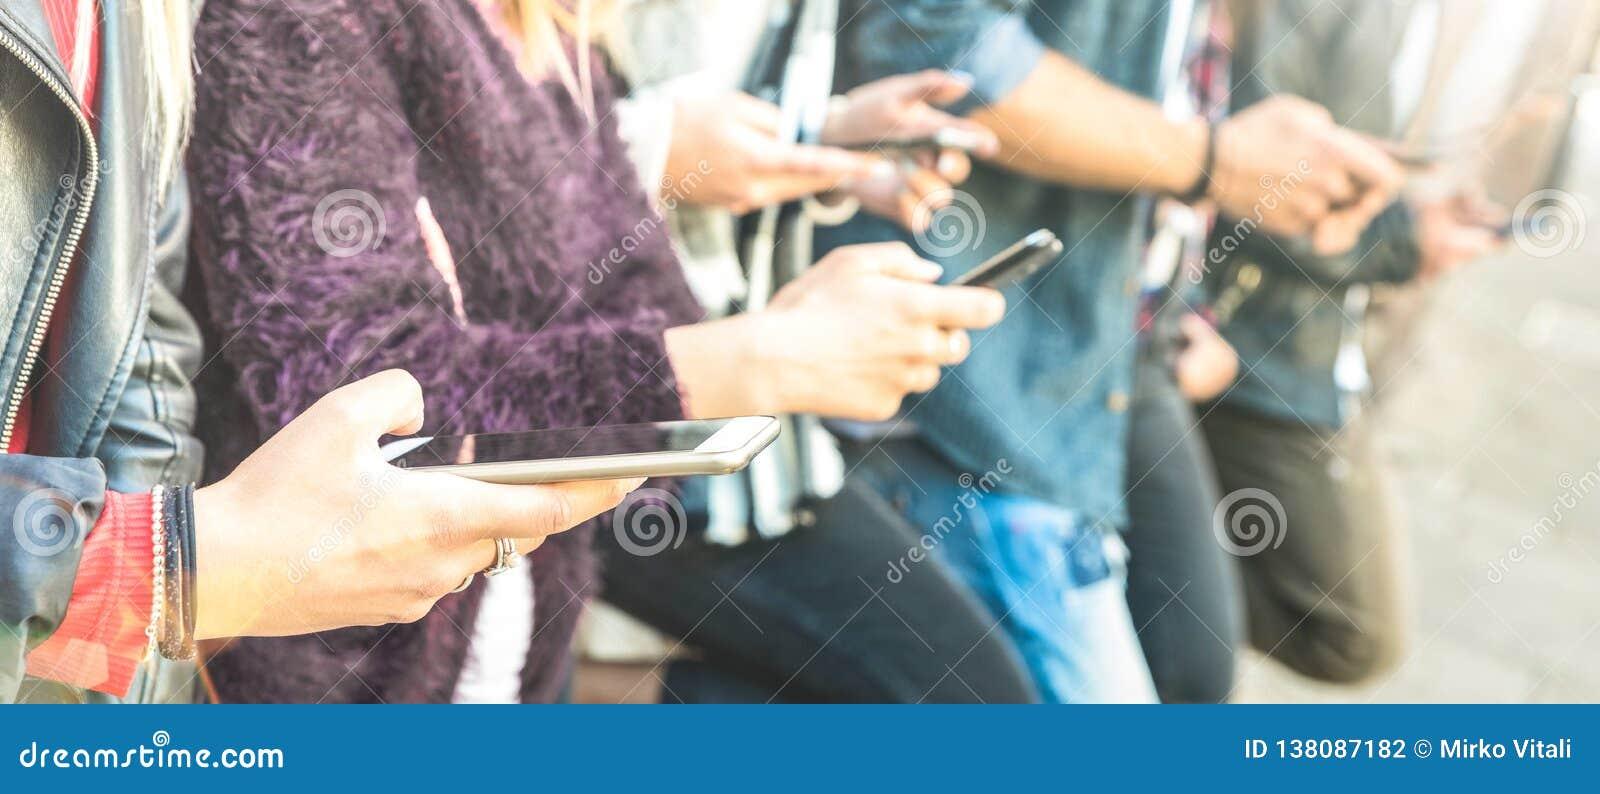 Grupo multicultural de los amigos usando smartphone en la rotura del patio trasero de la Universidad - manos de la gente enviciad